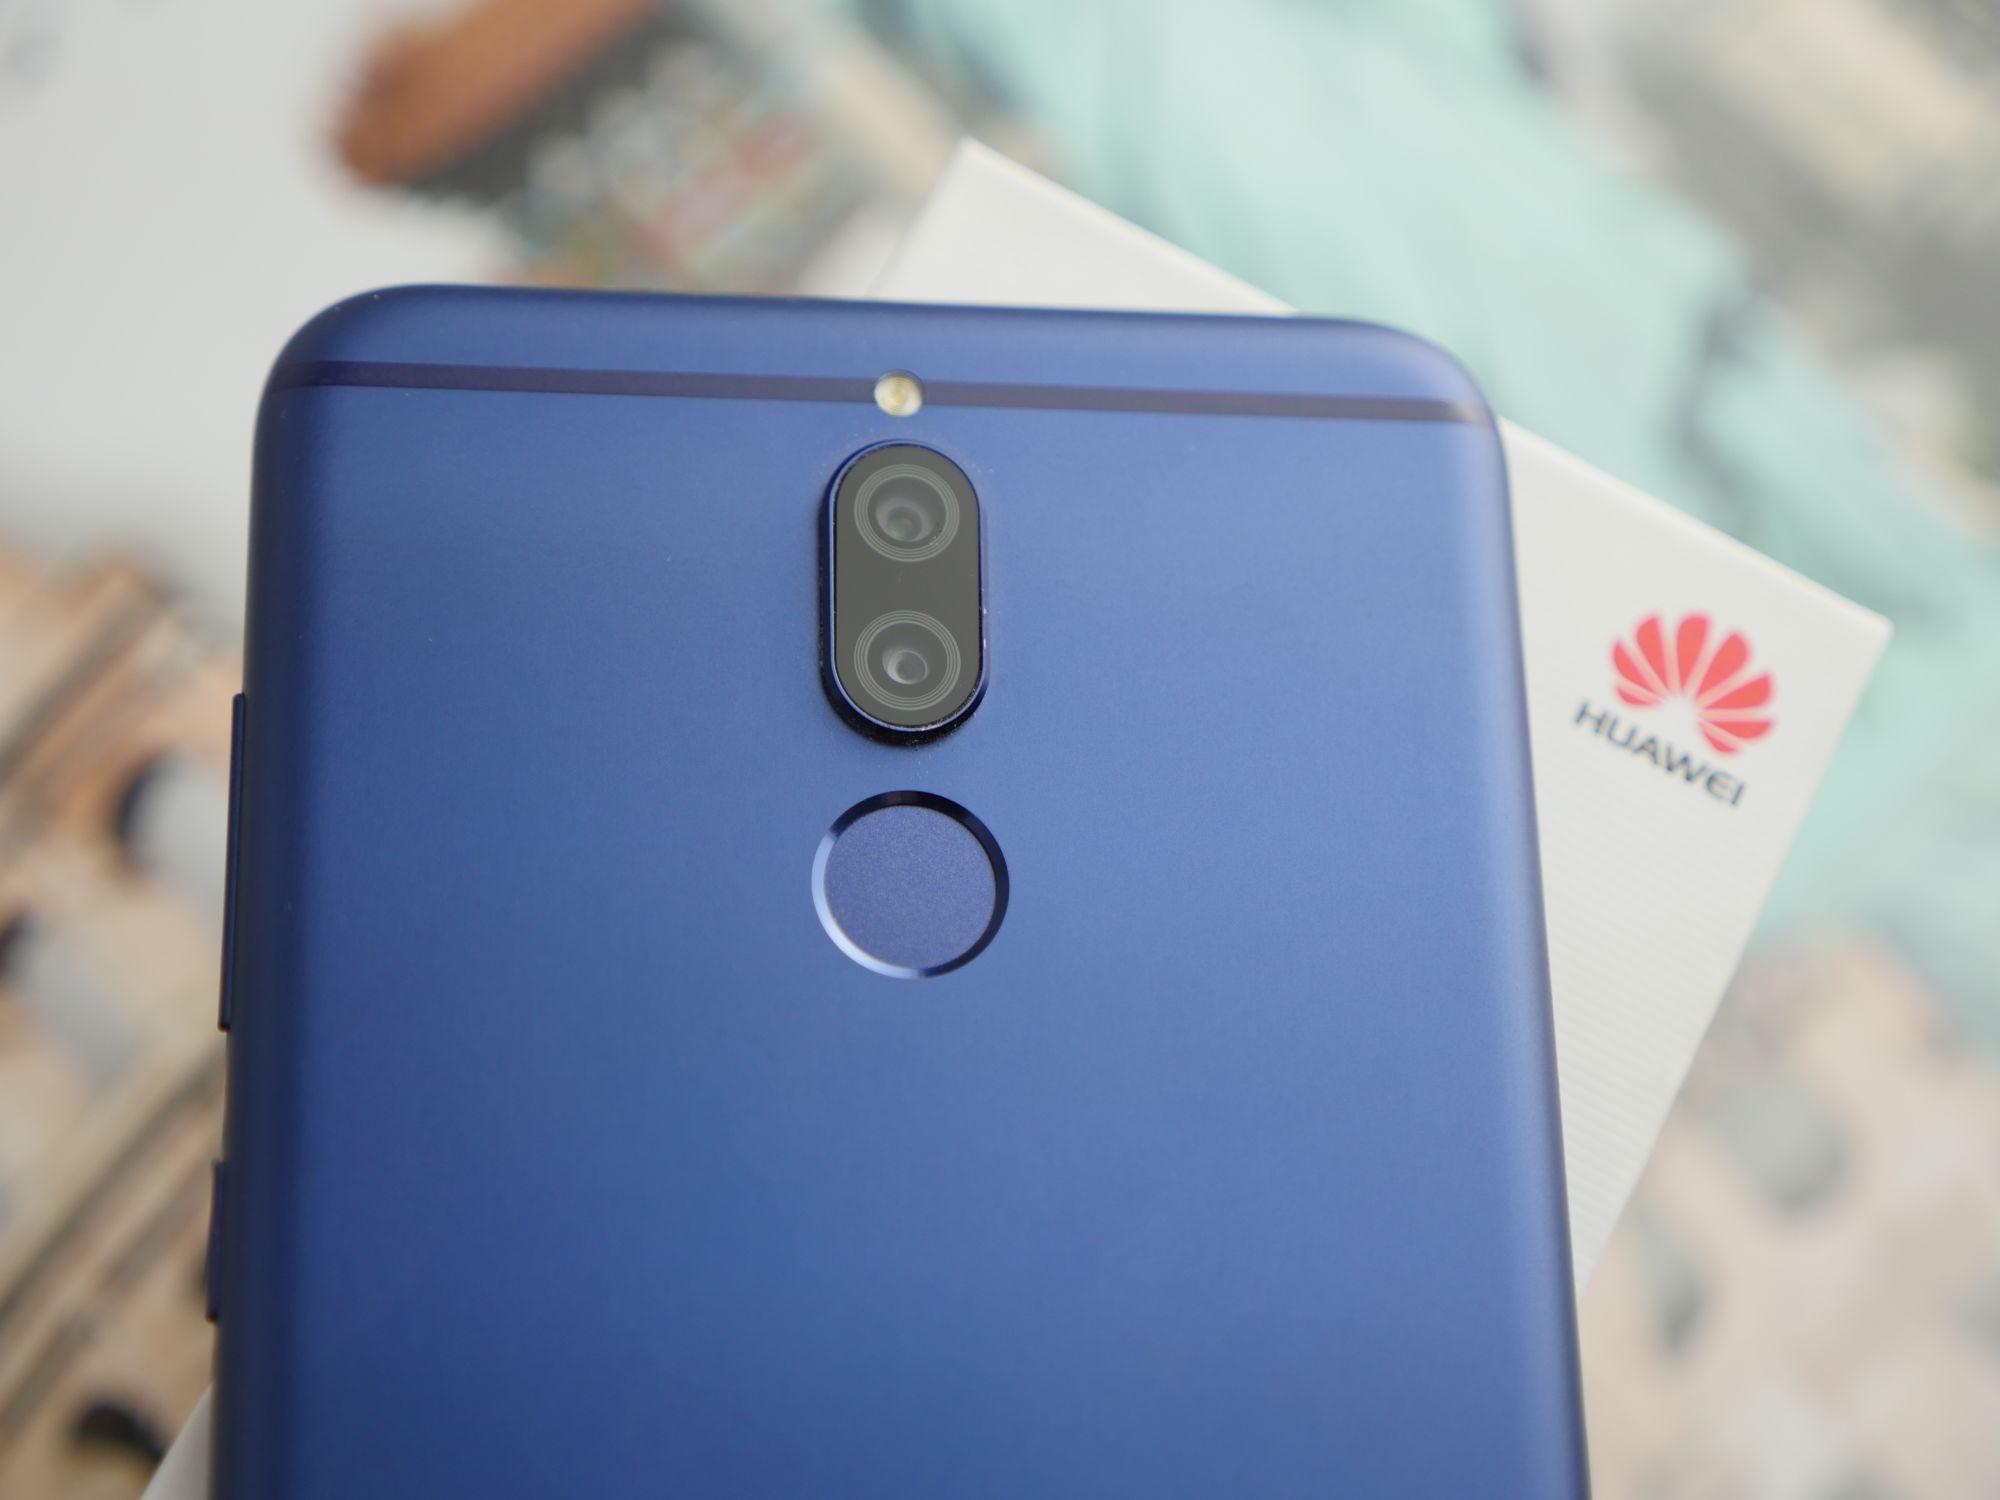 Wczoraj poznaliśmy wygląd Huawei Mate 20 Lite, a dziś jego specyfikację. Jest kilka niespodzianek 27